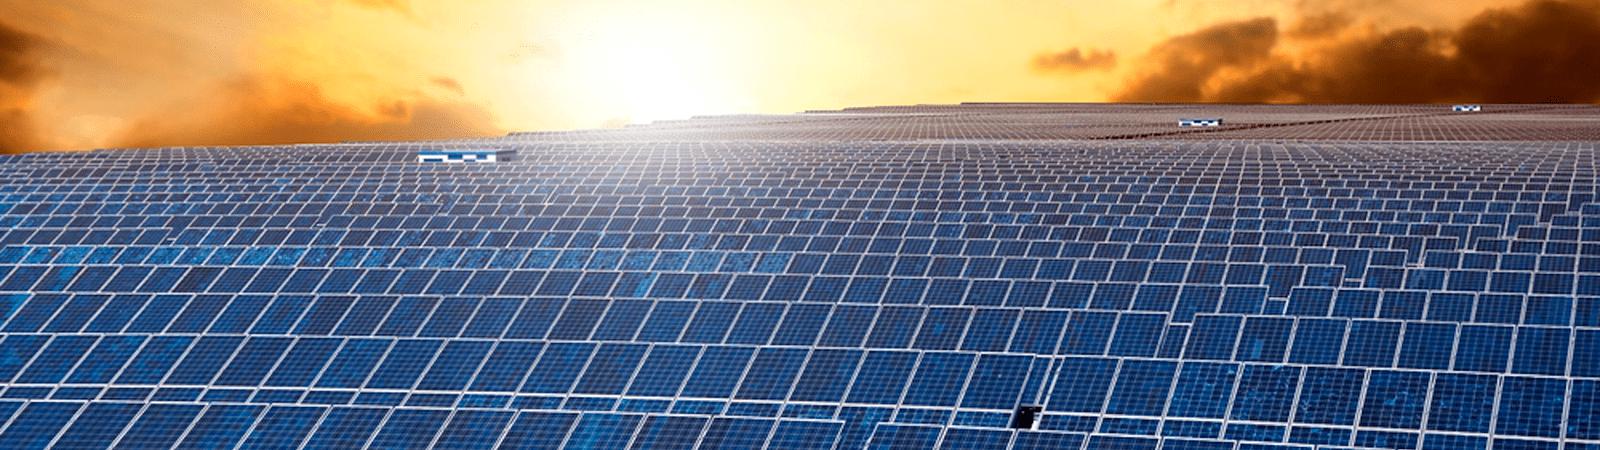 возобновляемая энергетика авенстон